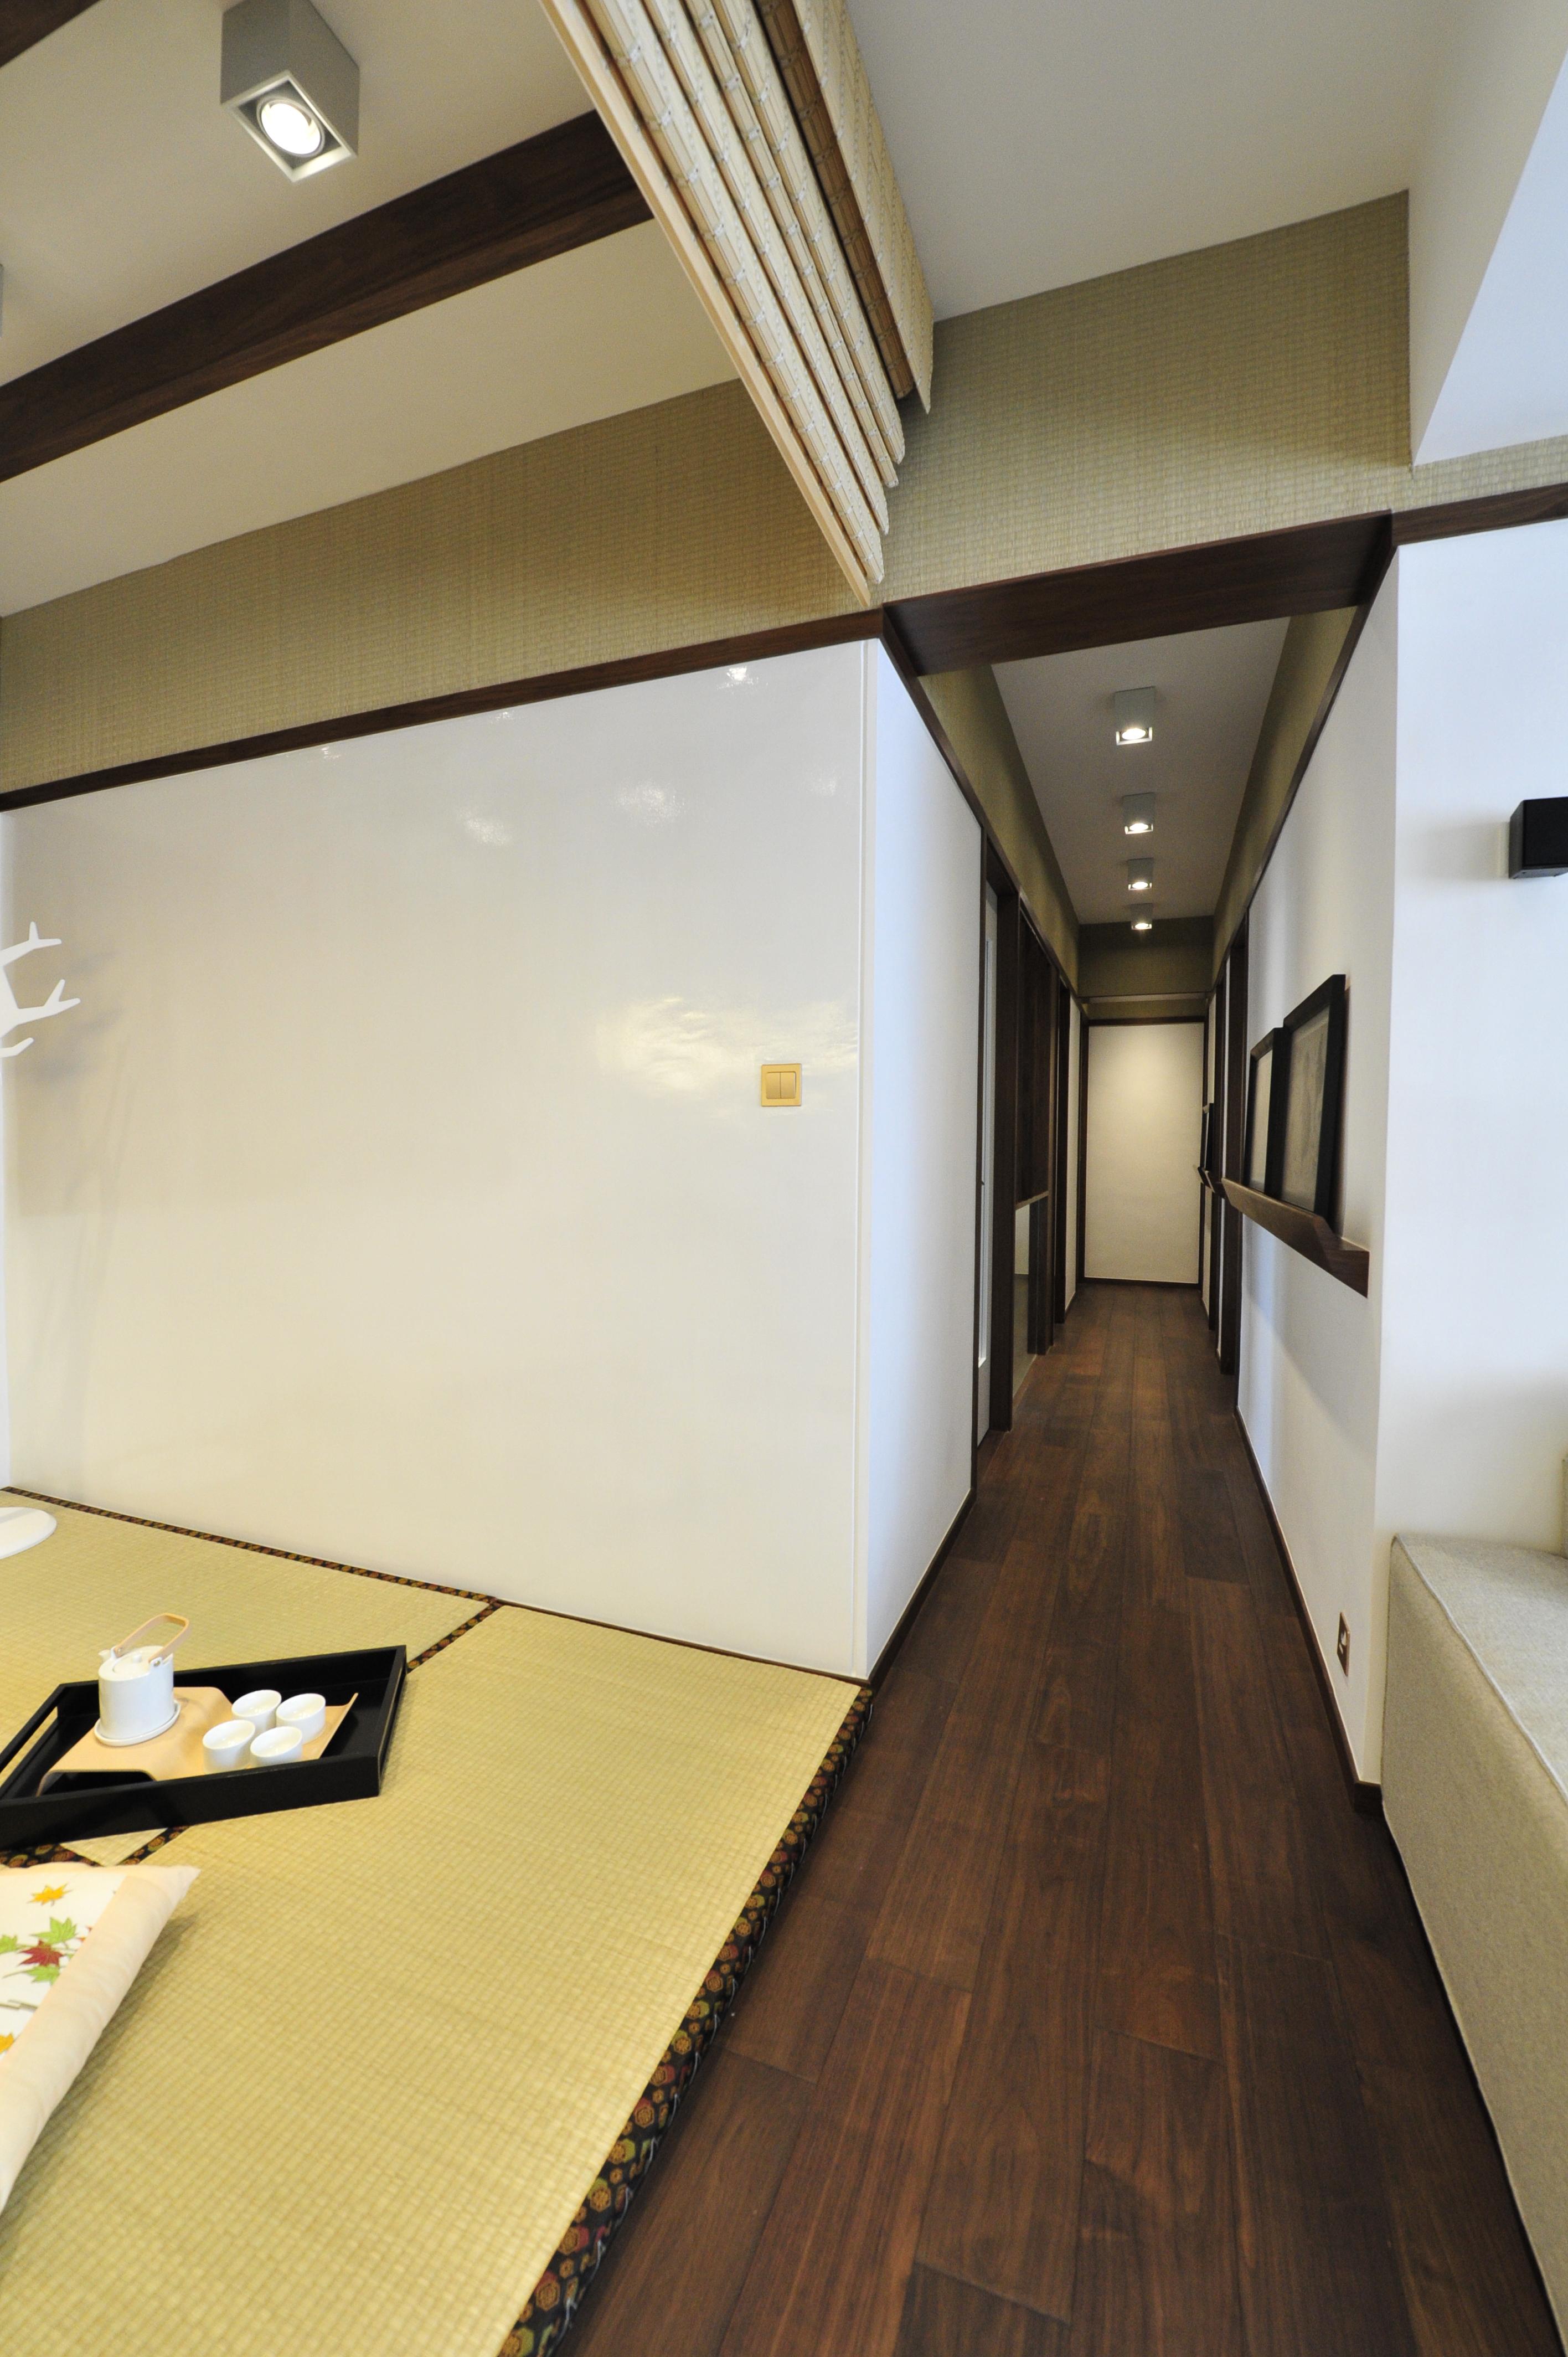 家居設計 Home Design HK 和室 Japanese Style Home (11)